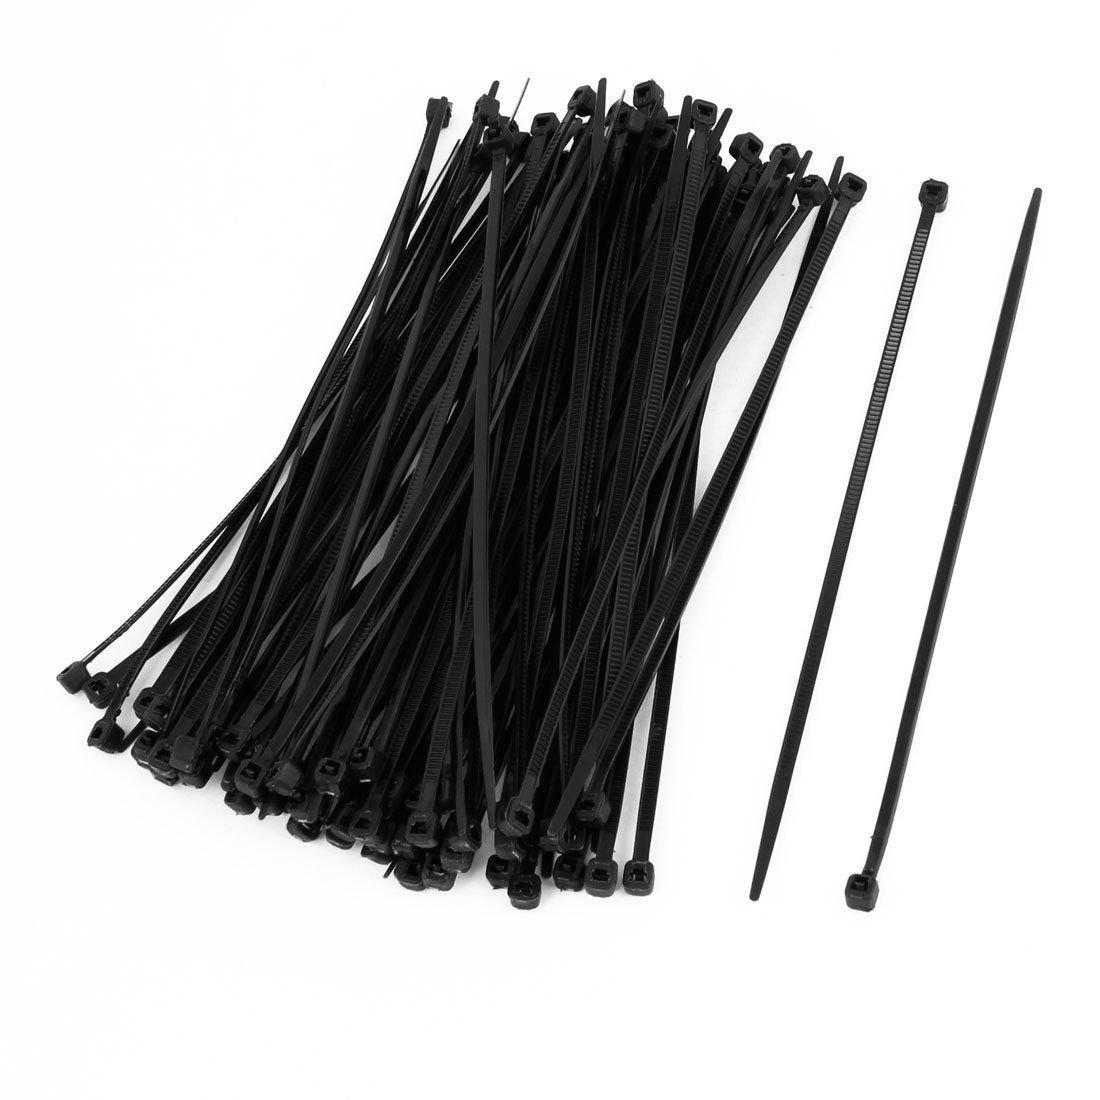 100 Stück bis 1000 Stück Kabelbinder von 2,5x100 mm bis 4,8 x 450mm Weiß Schwarz (4,8x450mm, 500 Stück Schwarz) B075C636K2 | Angenehmes Aussehen